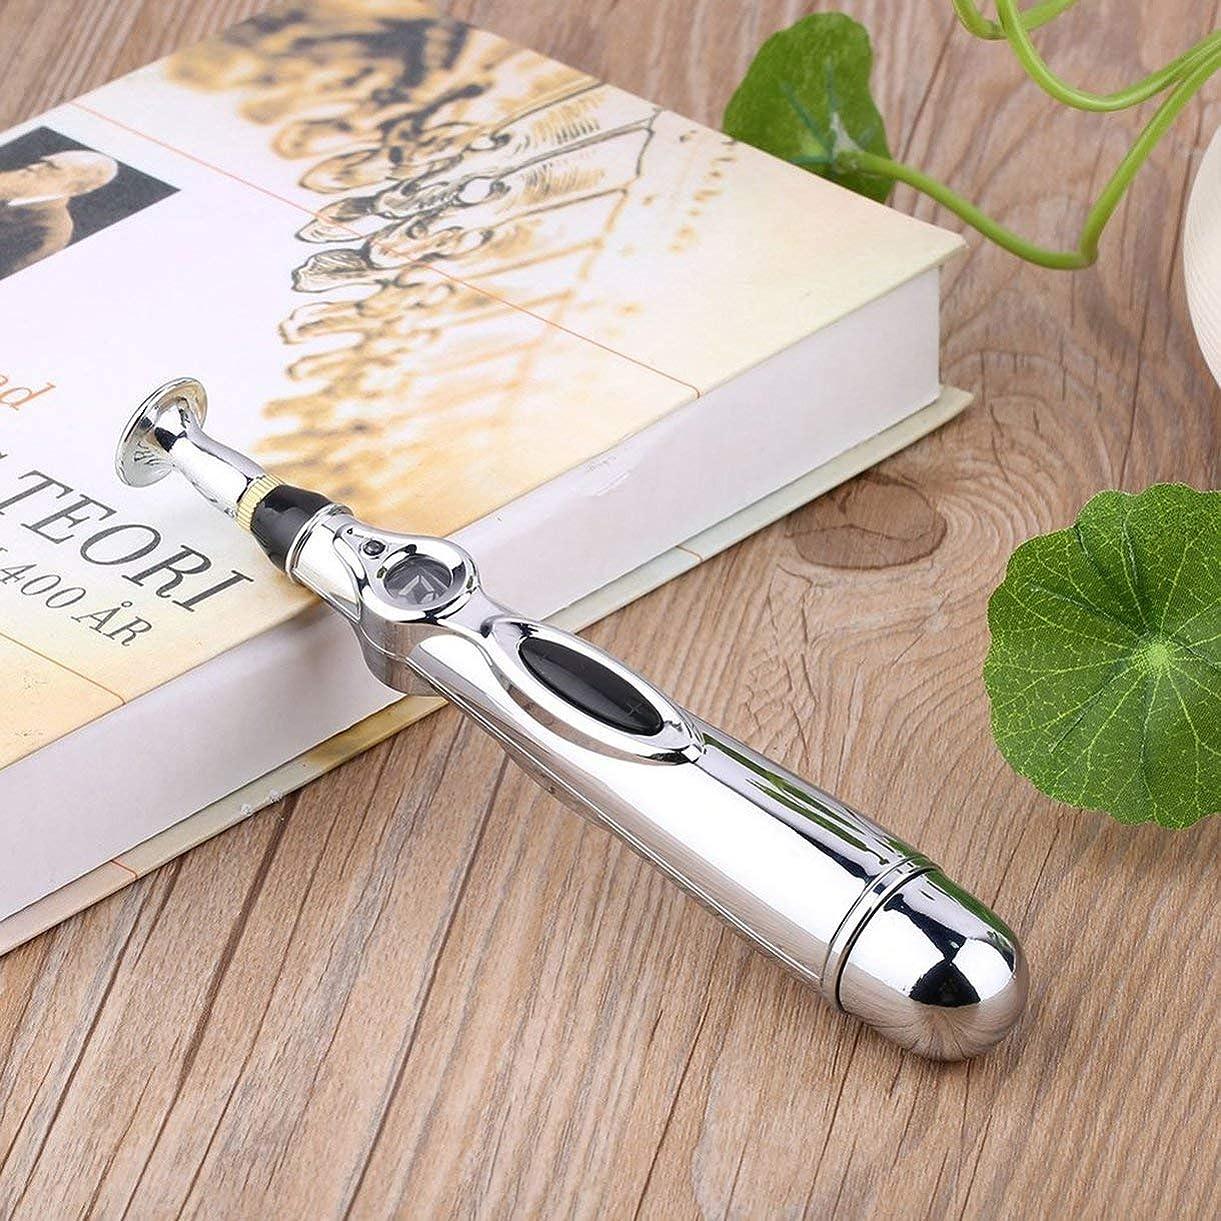 ヒューバートハドソンテクニカル愛情深いNimoliya 電気鍼マッサージペンの健康子午線の痛みを軽減する治療電子子午線エネルギーペンのマッサージボディヘッドネック脚